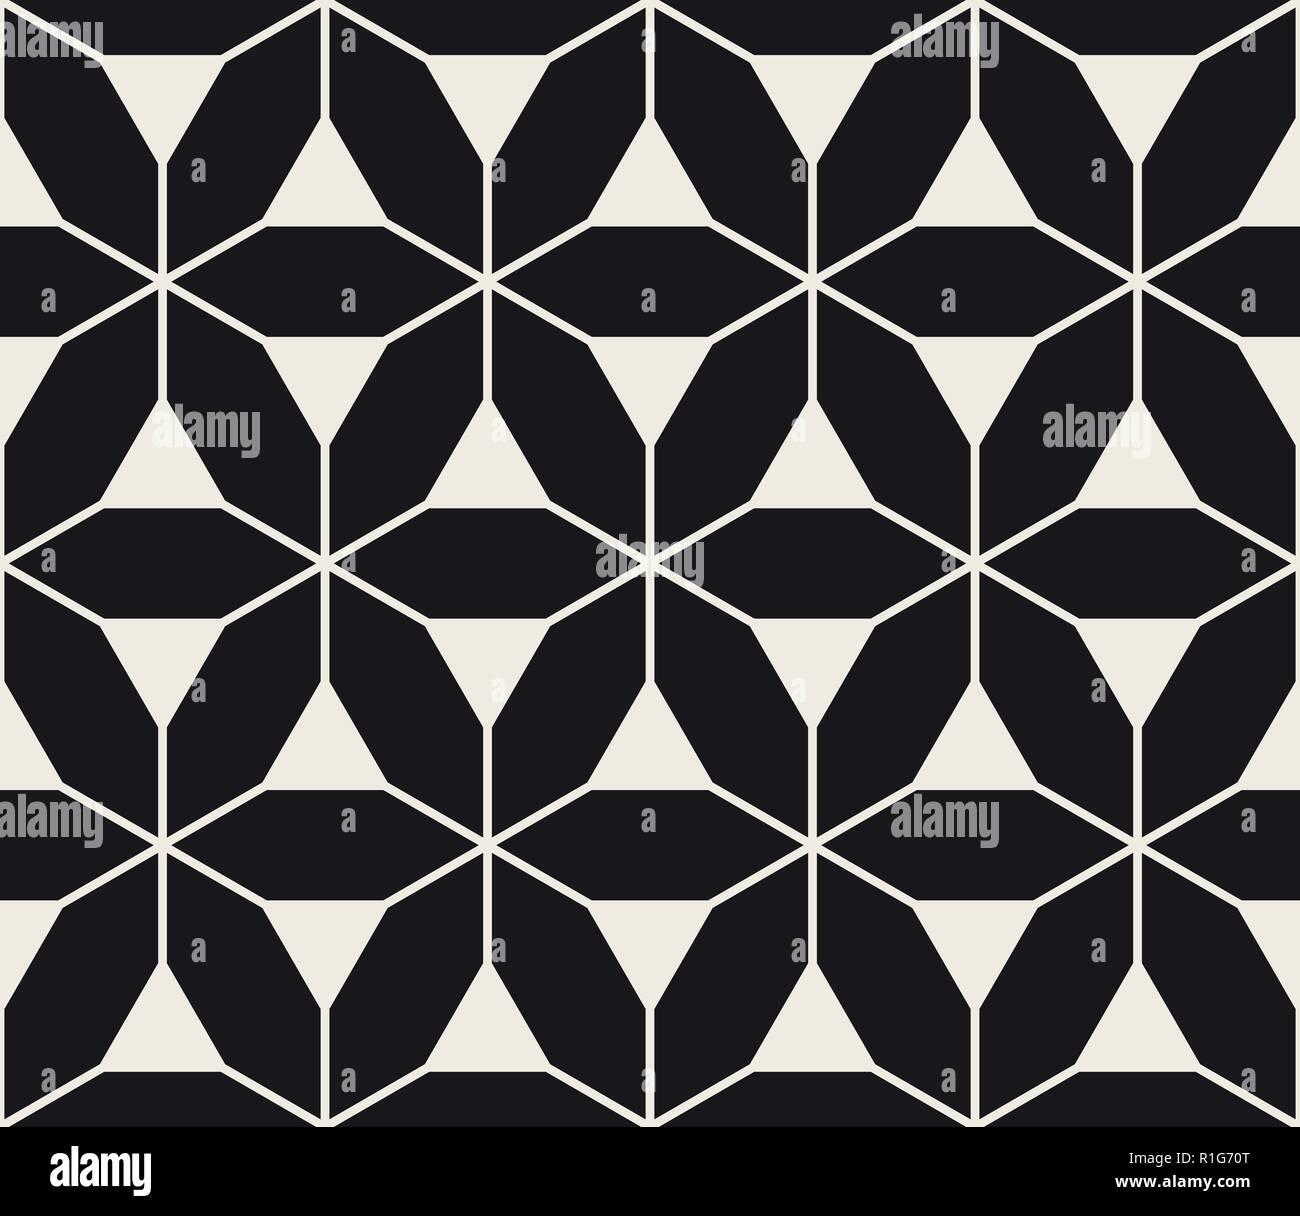 Black White Striped Fabric Stockfotos Black White Striped Fabric